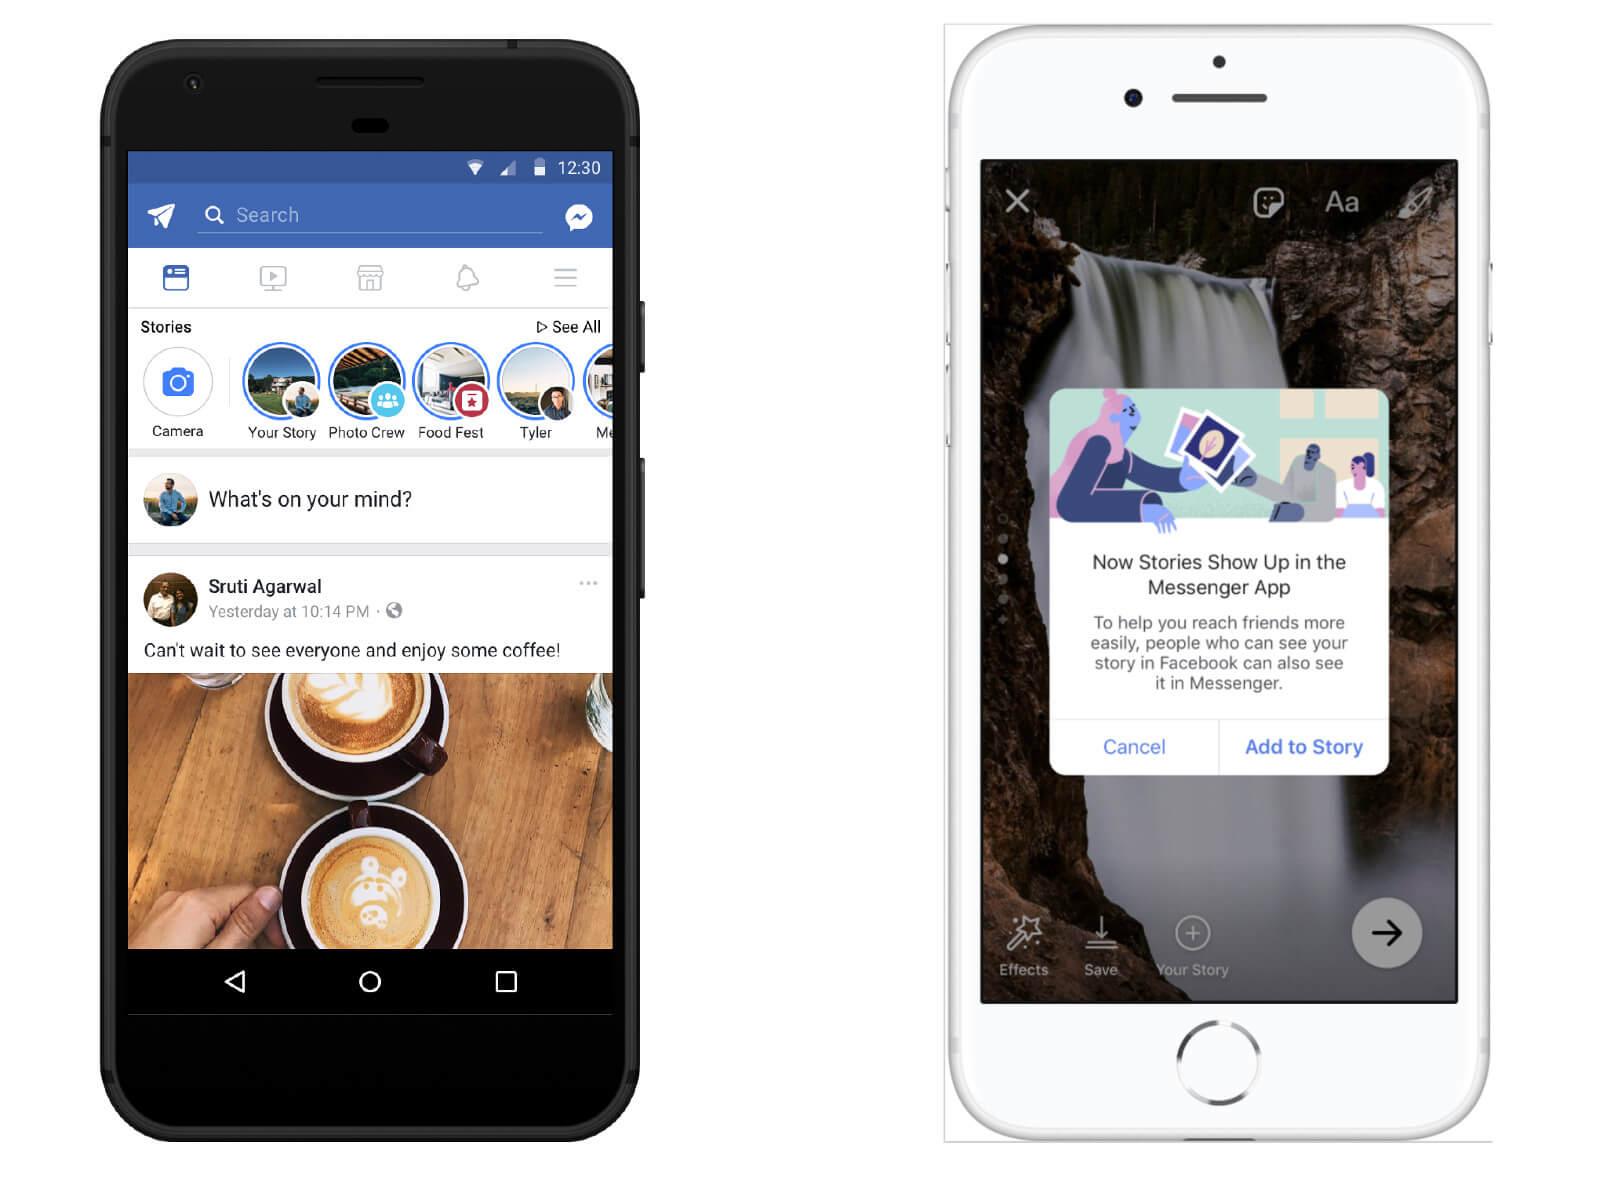 Плейсмент в Фейсбук - истории в messenger